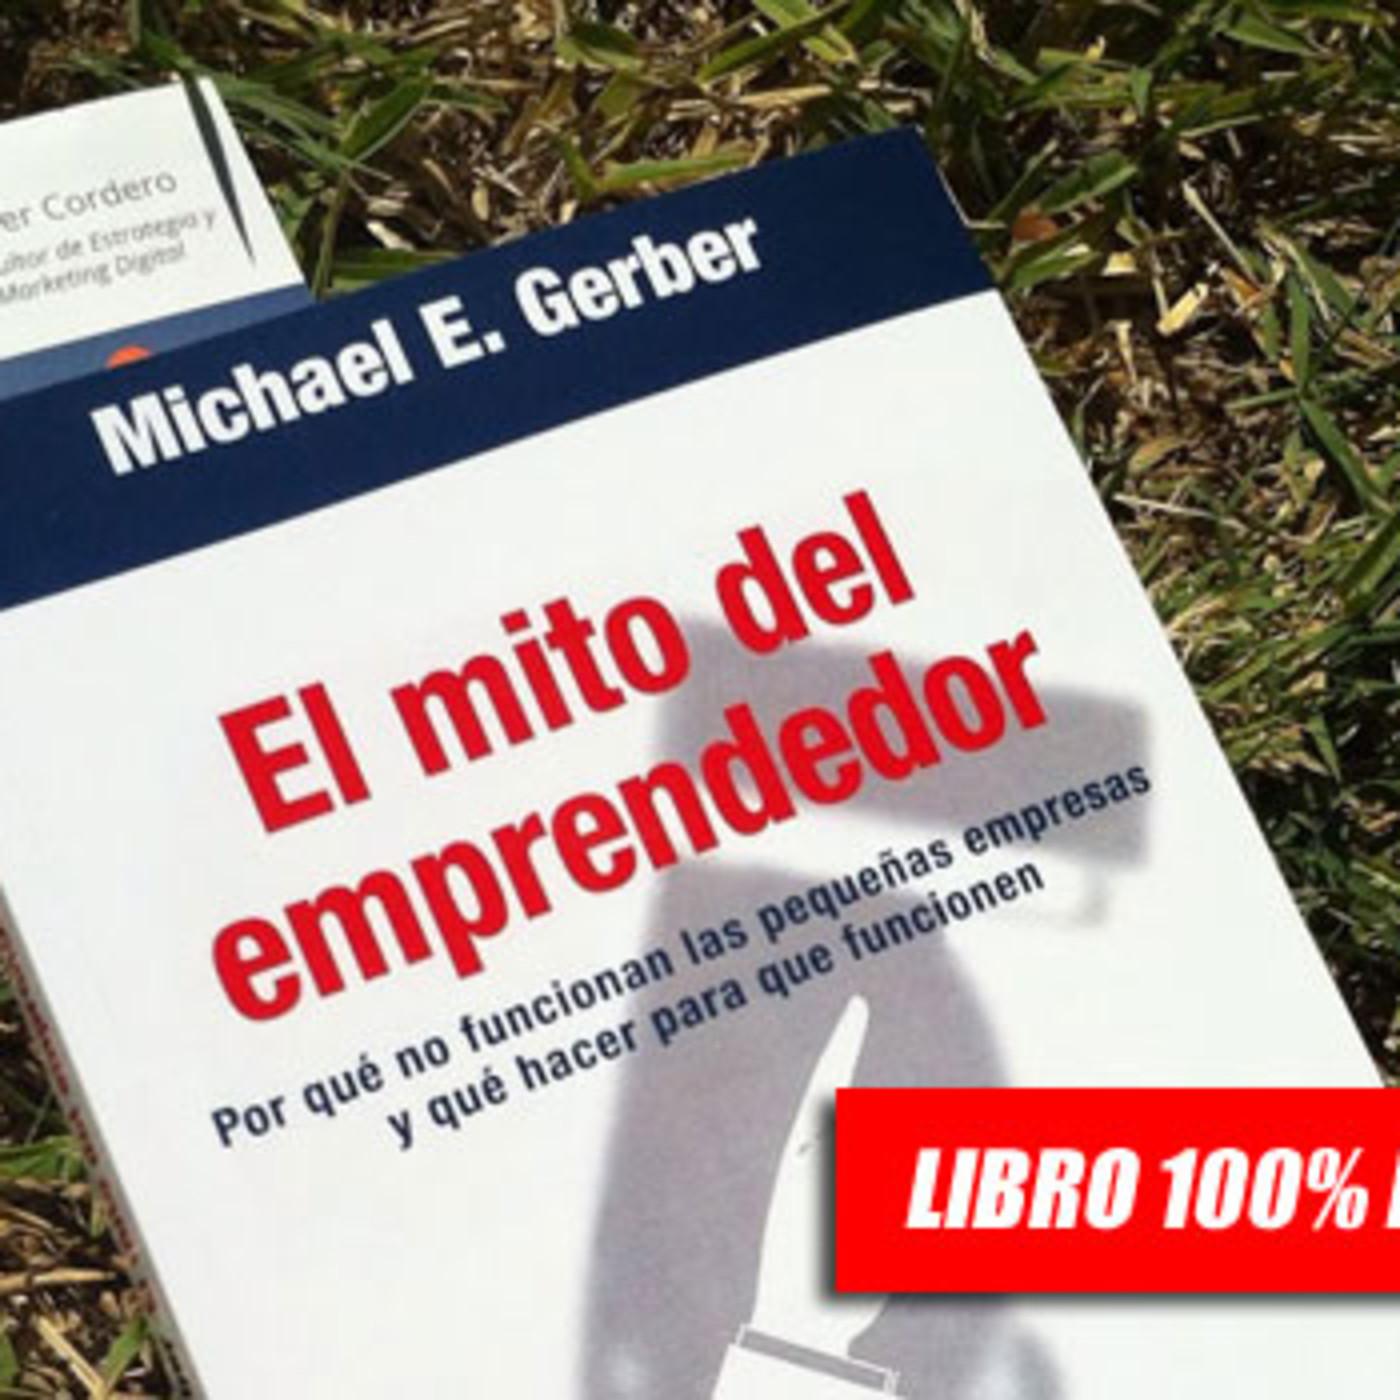 El Mito del Emprendedor en Quique Torres en mp3(19/07 a las 11:39:08)  01:11:15 19887116 - iVoox